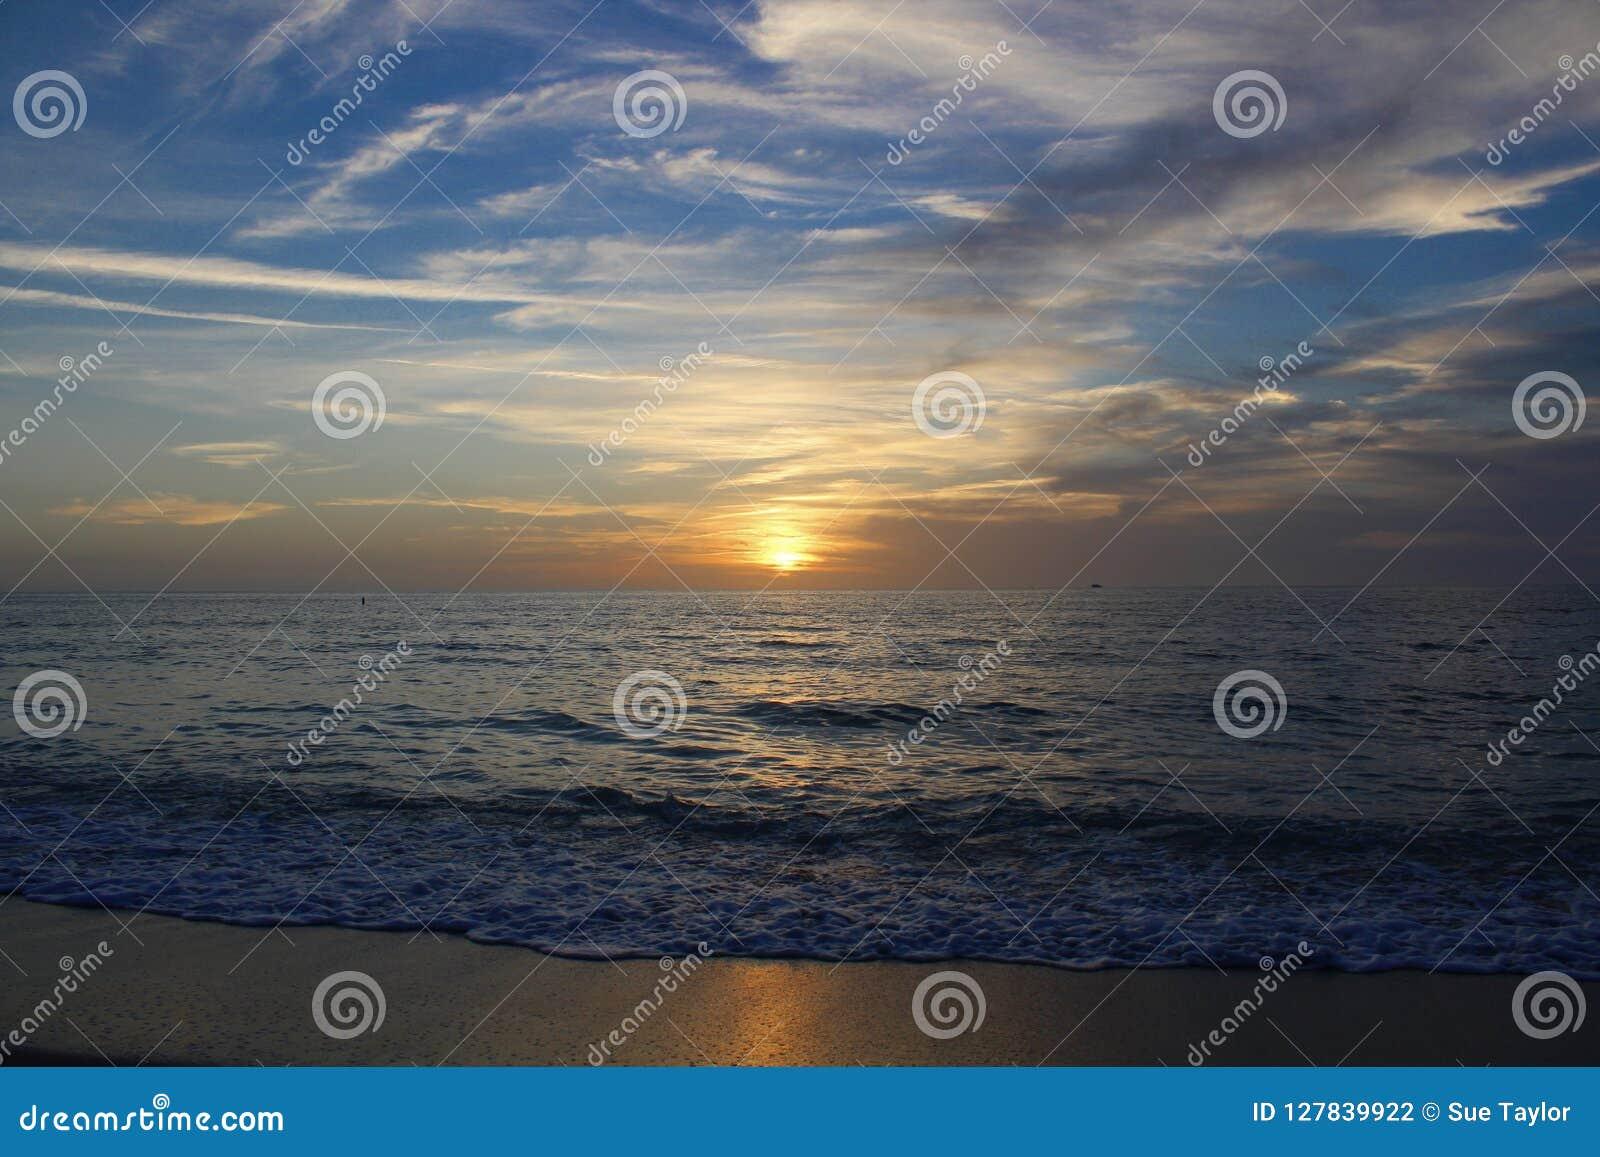 Sonnenuntergang auf der Golfküste in Florida